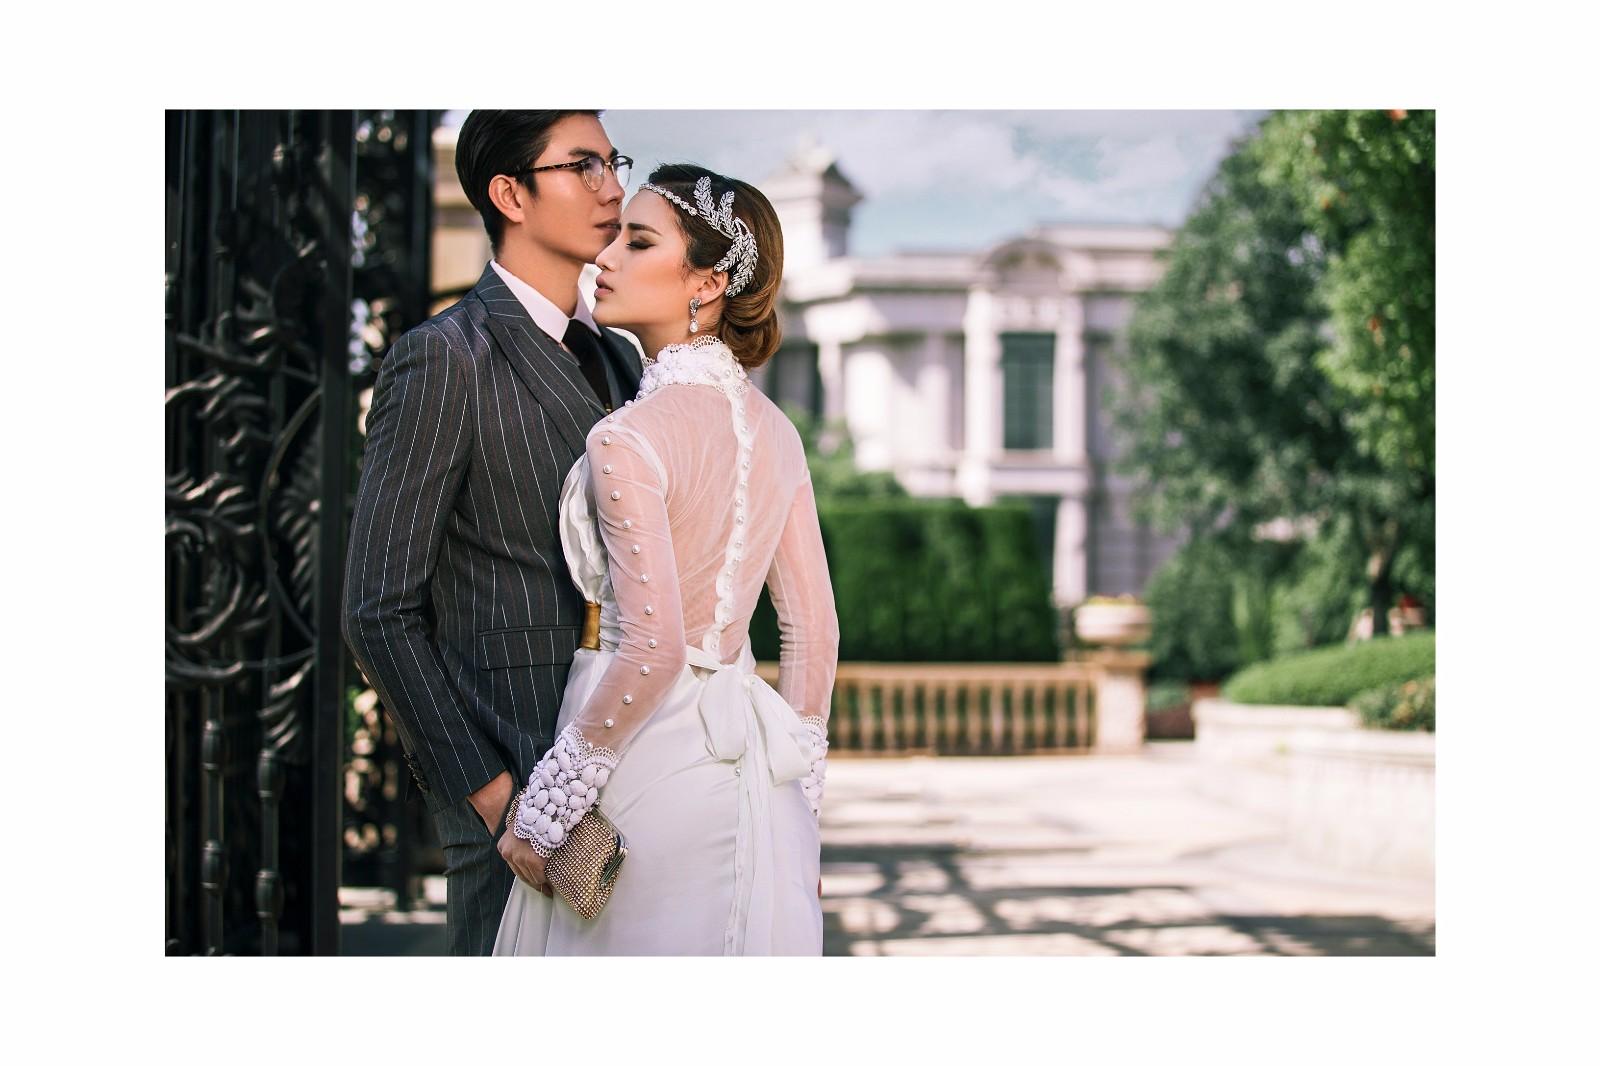 瑶族婚嫁习俗的形成原因,以及主要的形式